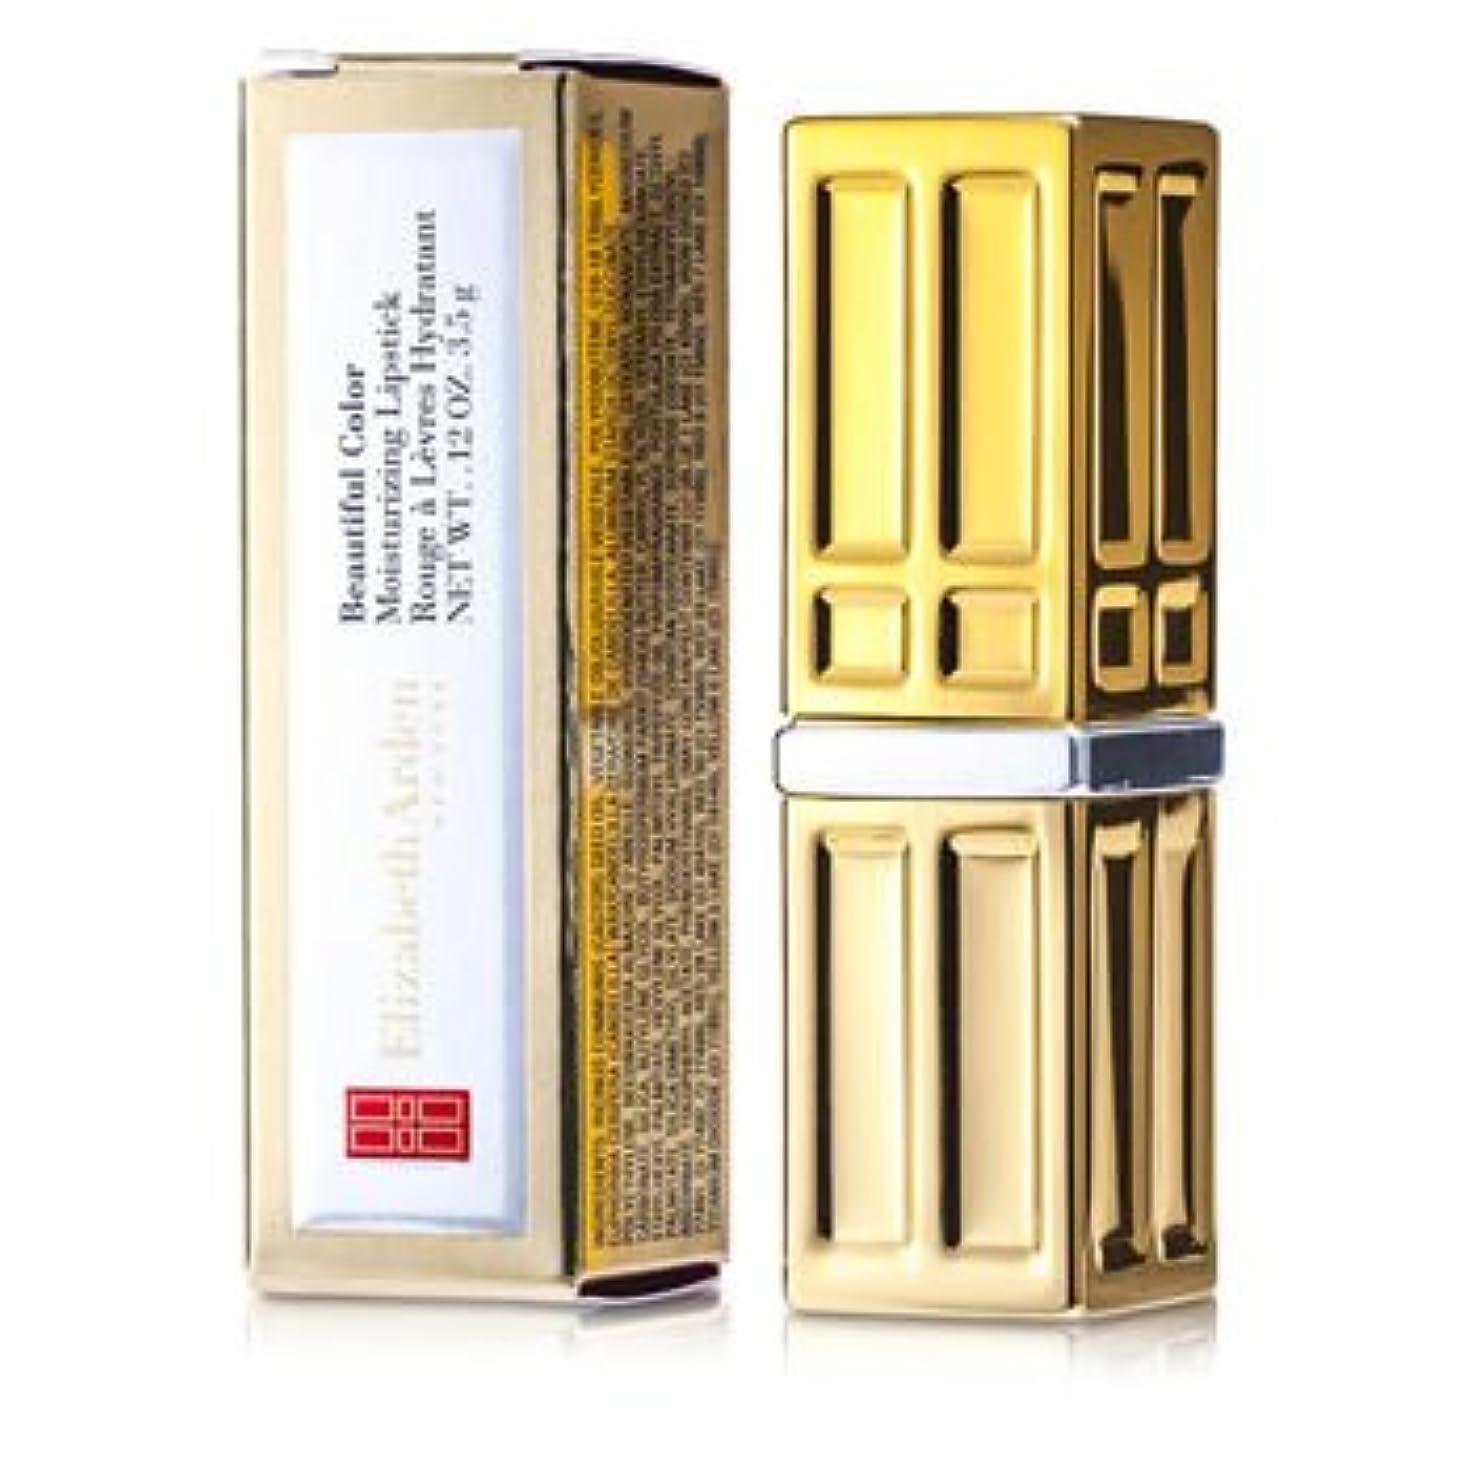 アラーム建築窓エリザベスアーデン ビューティフルカラーモイスチャライジングリップスティック - # 02 Red Door Red 3.5g/0.12oz並行輸入品